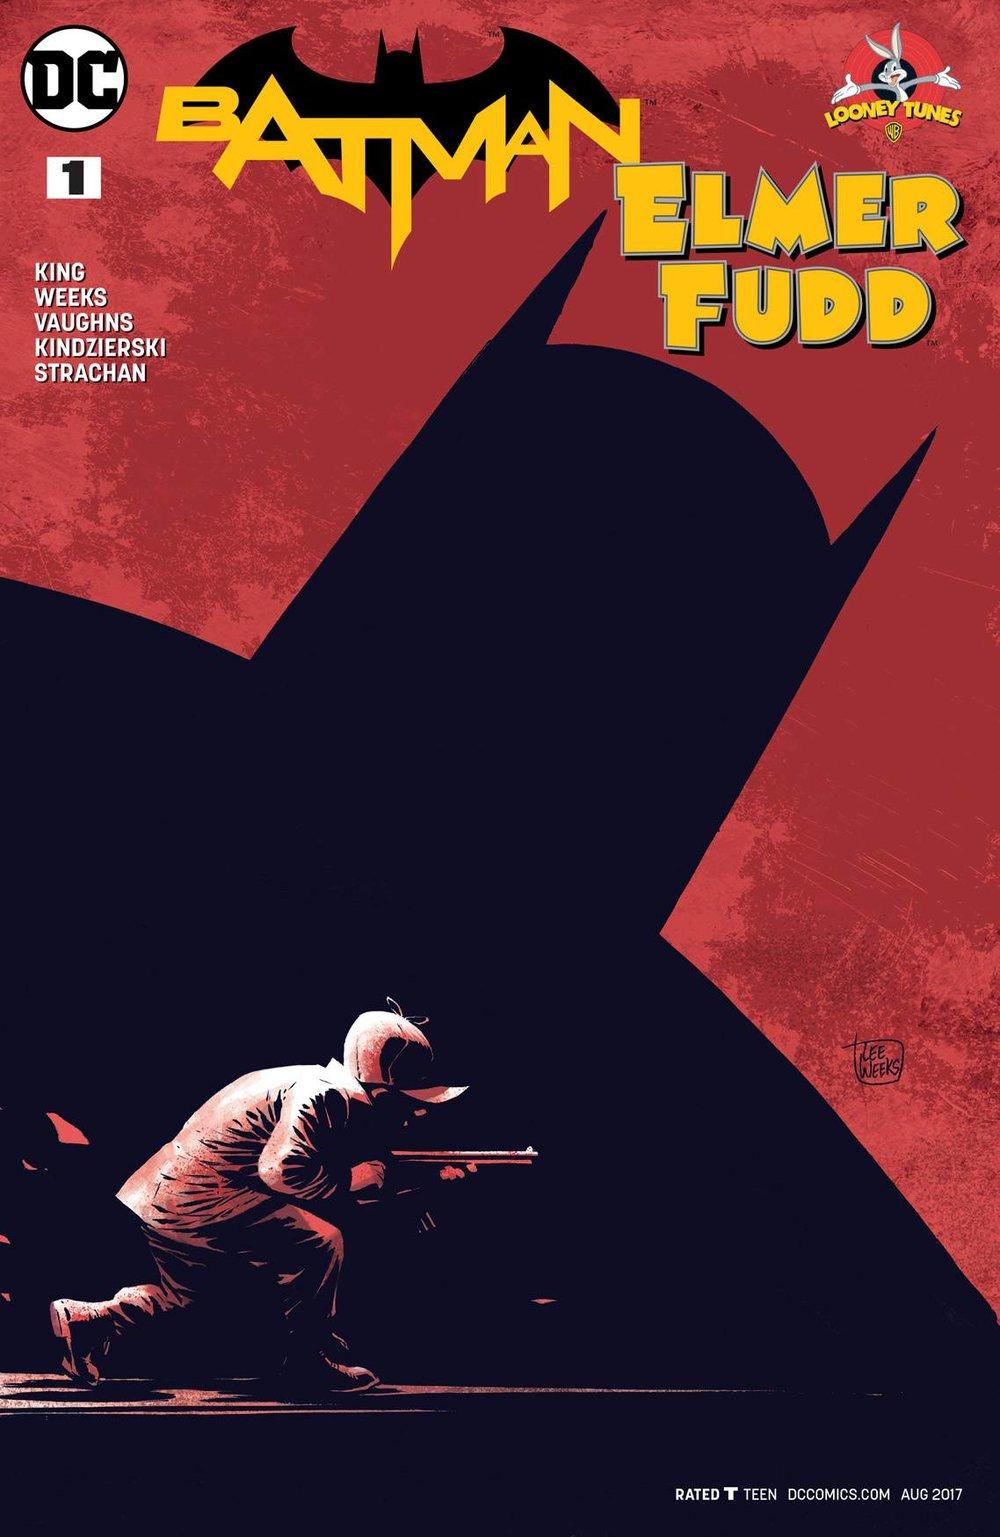 BATMAN+ELMER+FUDD+SPECIAL+1.jpg